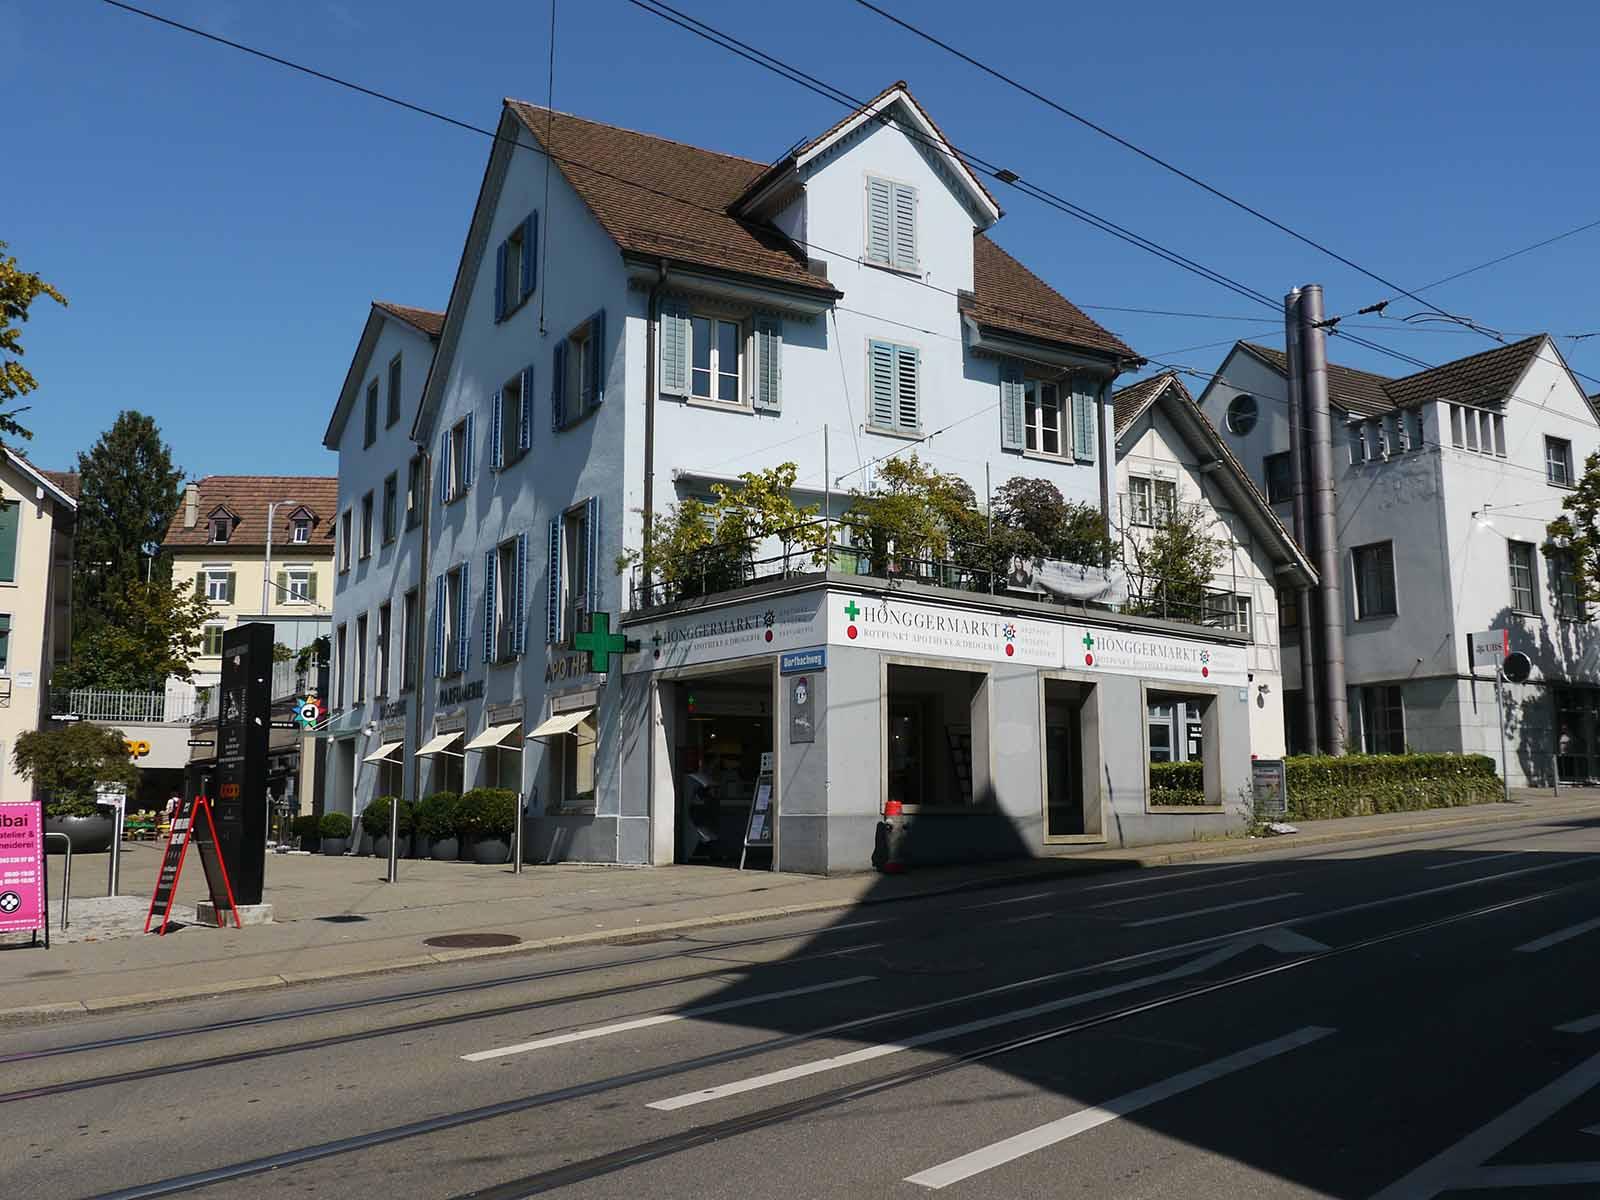 Schliesst Ende September: Die Apotheke Drogerie Parfümerie Hönggermarkt.